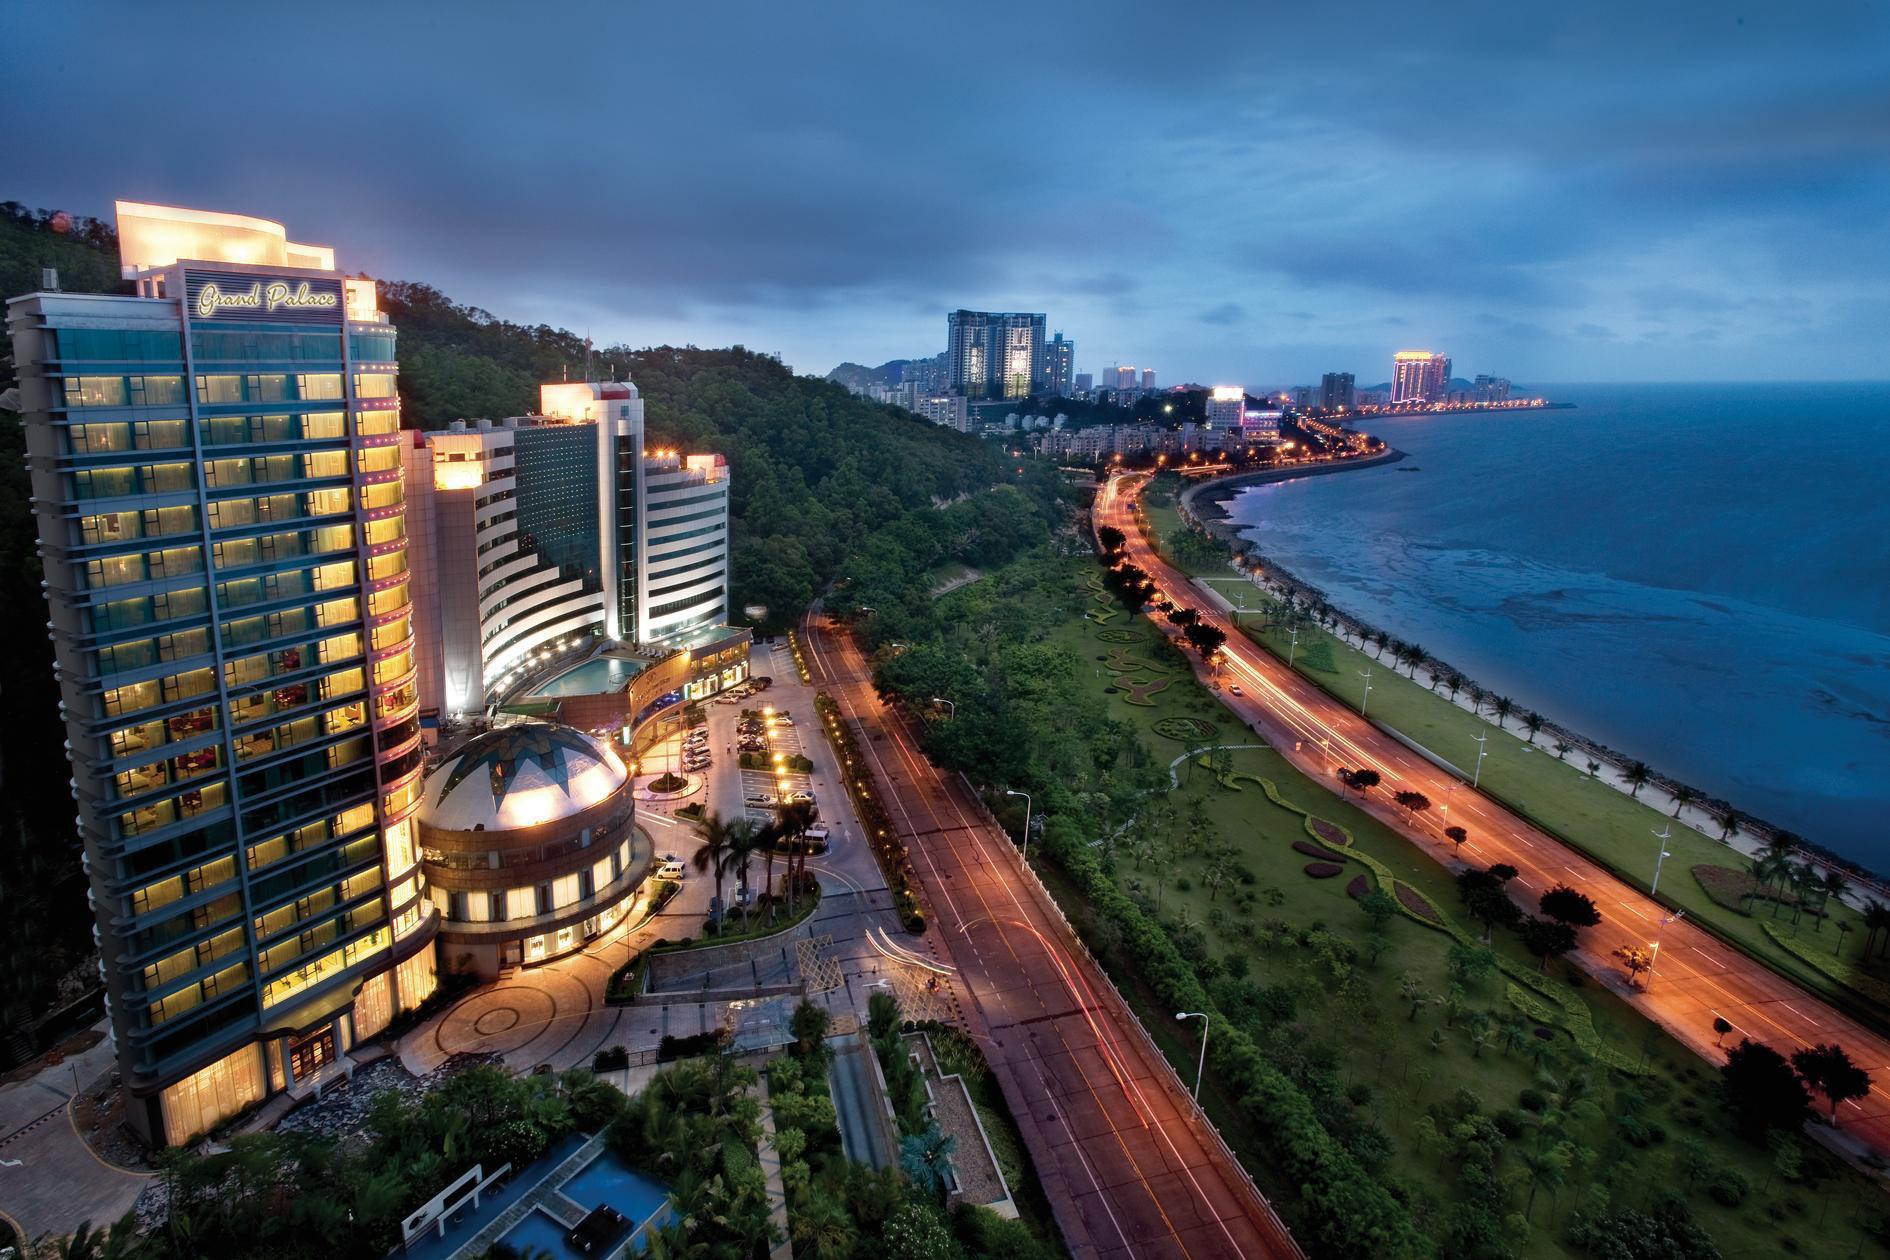 Чжухай - не город, а космос! Раз в 2 года здесь проходит авиакосмический салон. Фото: asiatravel.com